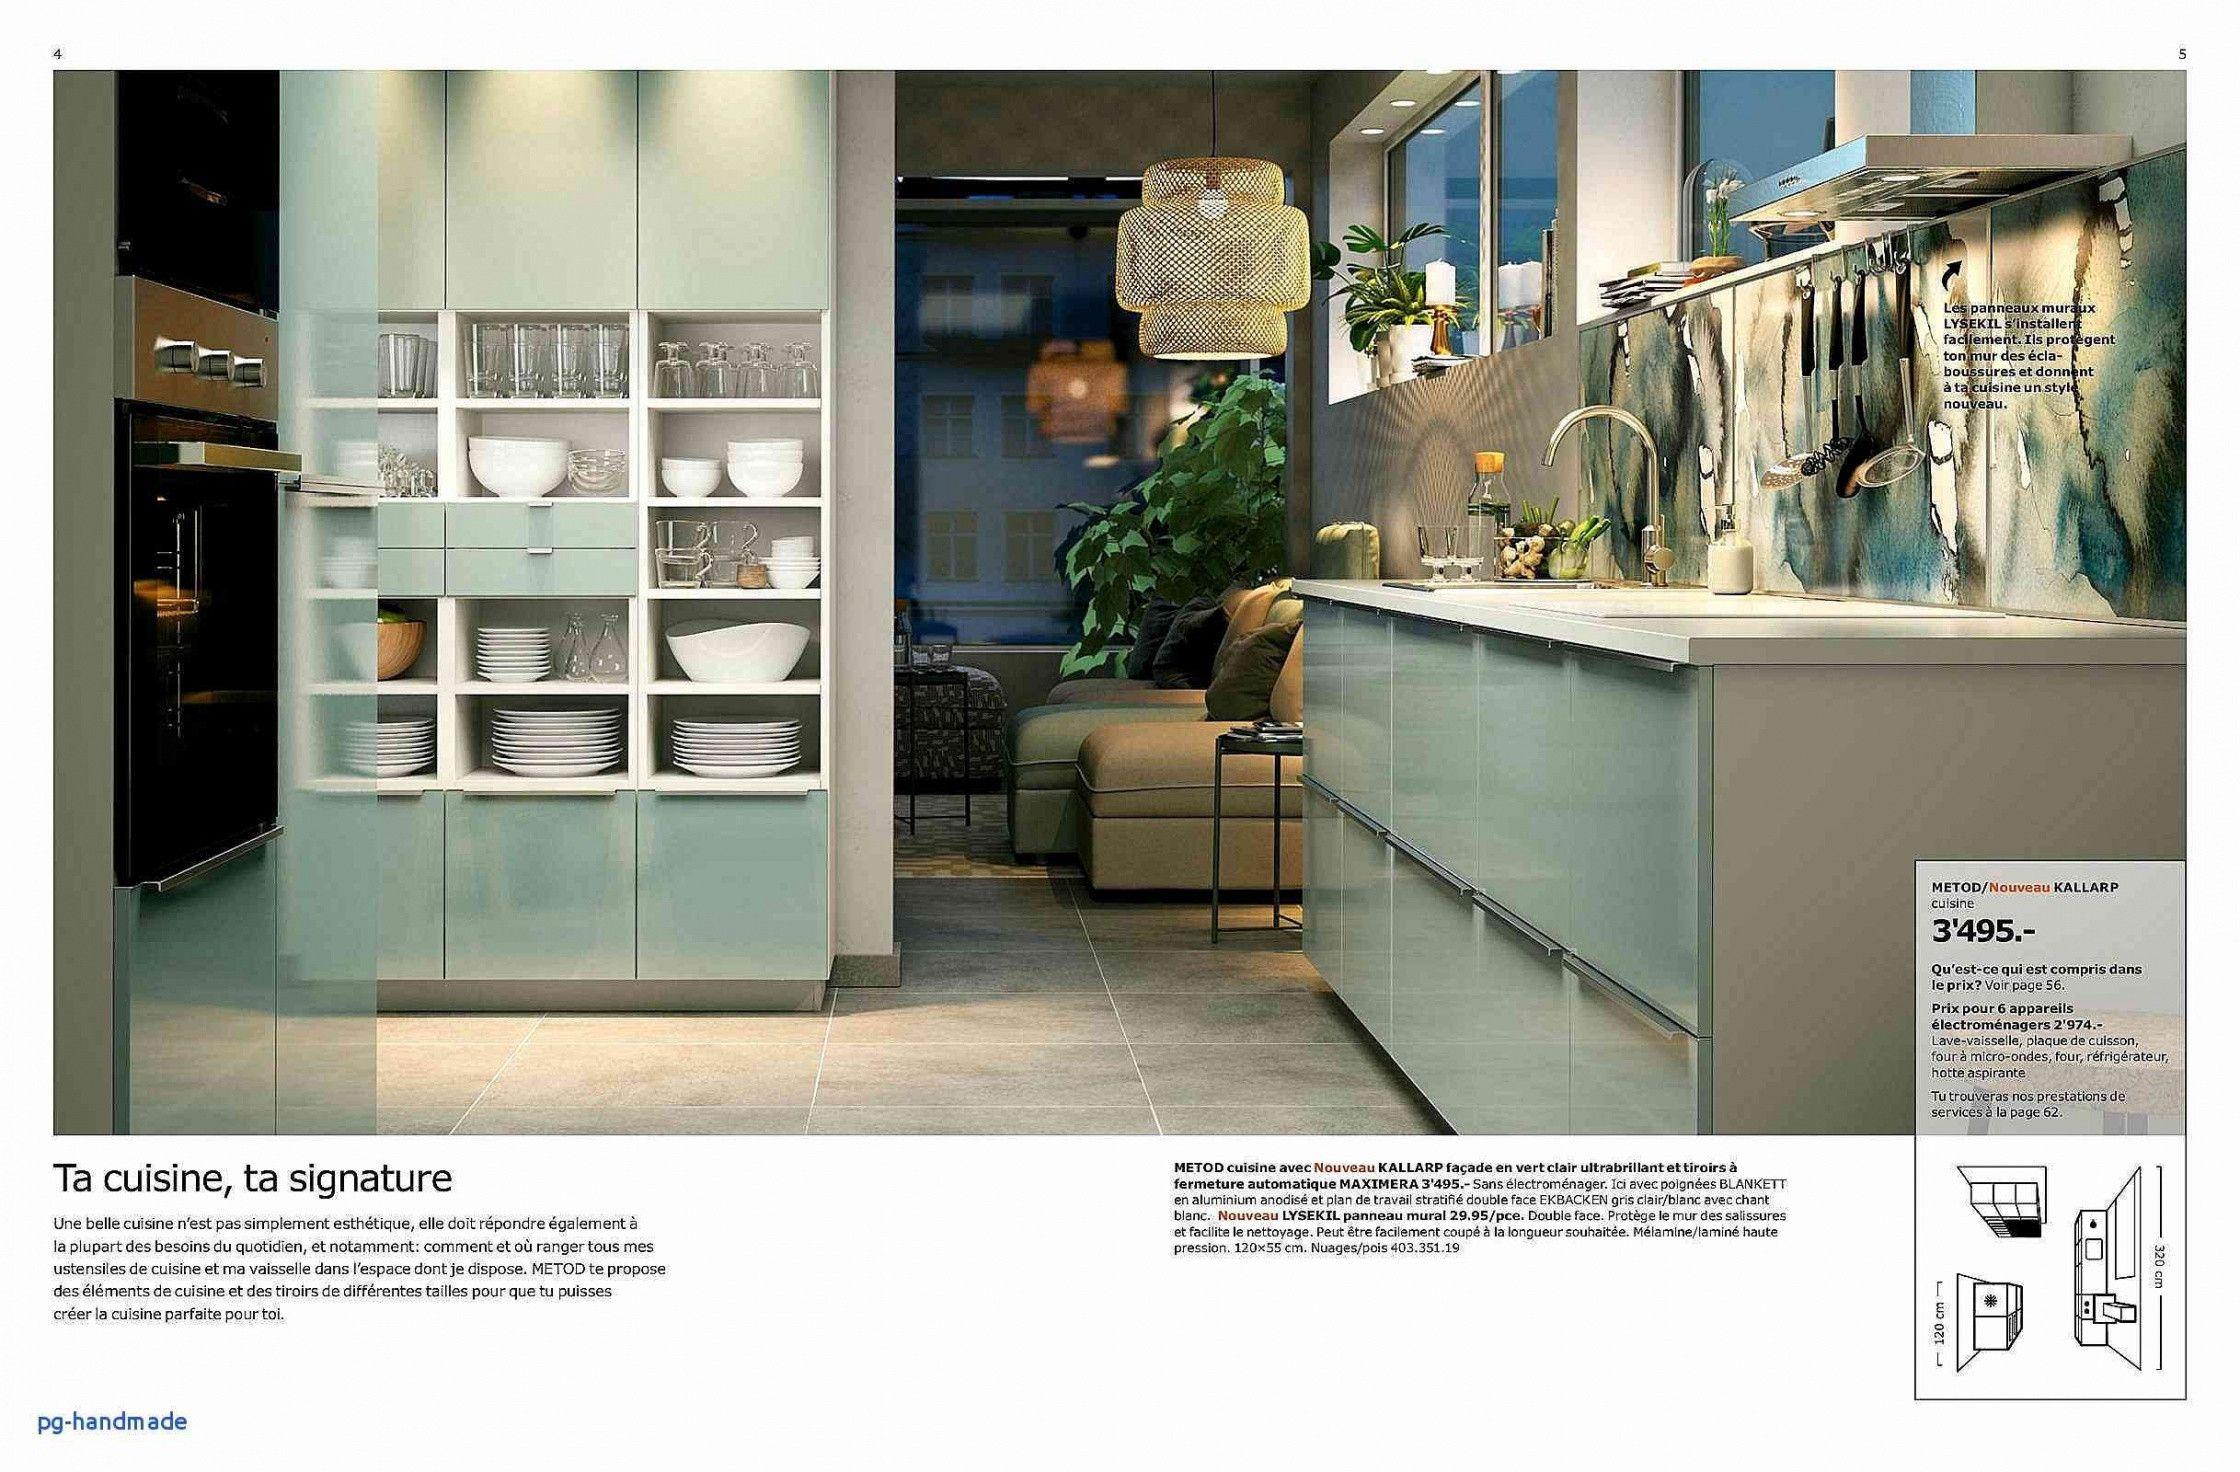 Elegant Tarif Installation Cuisine Ikea Idees De Maison Cuisines Design Salon De Jardin Castorama Et Cuisine Ikea 2017